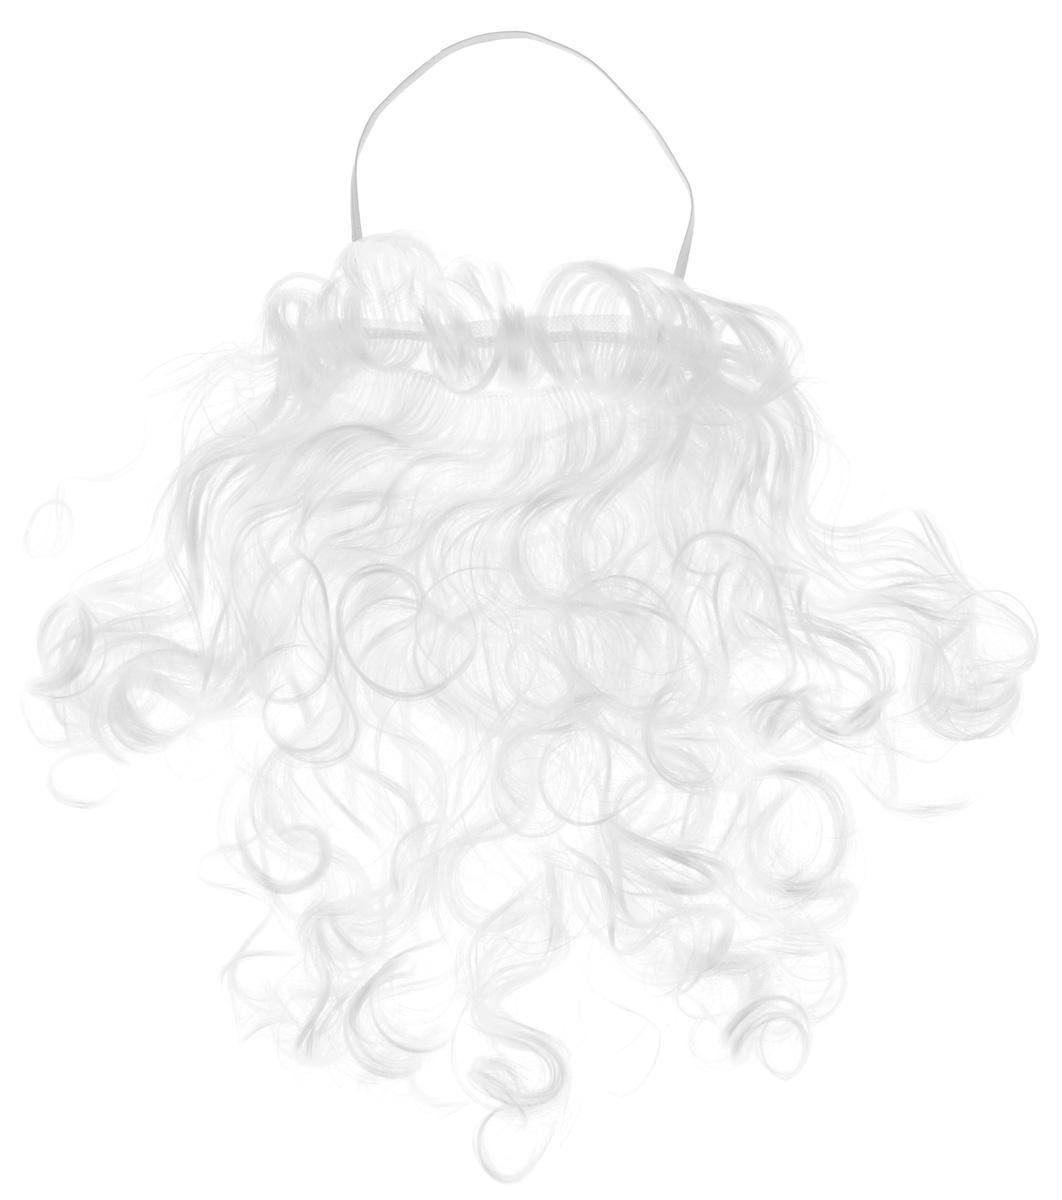 Карнавальная борода Sima-land Дед Мороз, длина 32 см1115982Карнавальная борода Sima-land Дед Мороз выполнена из искусственного волоса белого цвета. Надев такую бороду, вы будете выглядеть просто великолепно, как настоящий Дед Мороз. Веселое настроение и масса положительных эмоций вам будут обеспечены! Ширина бороды: 32 см.